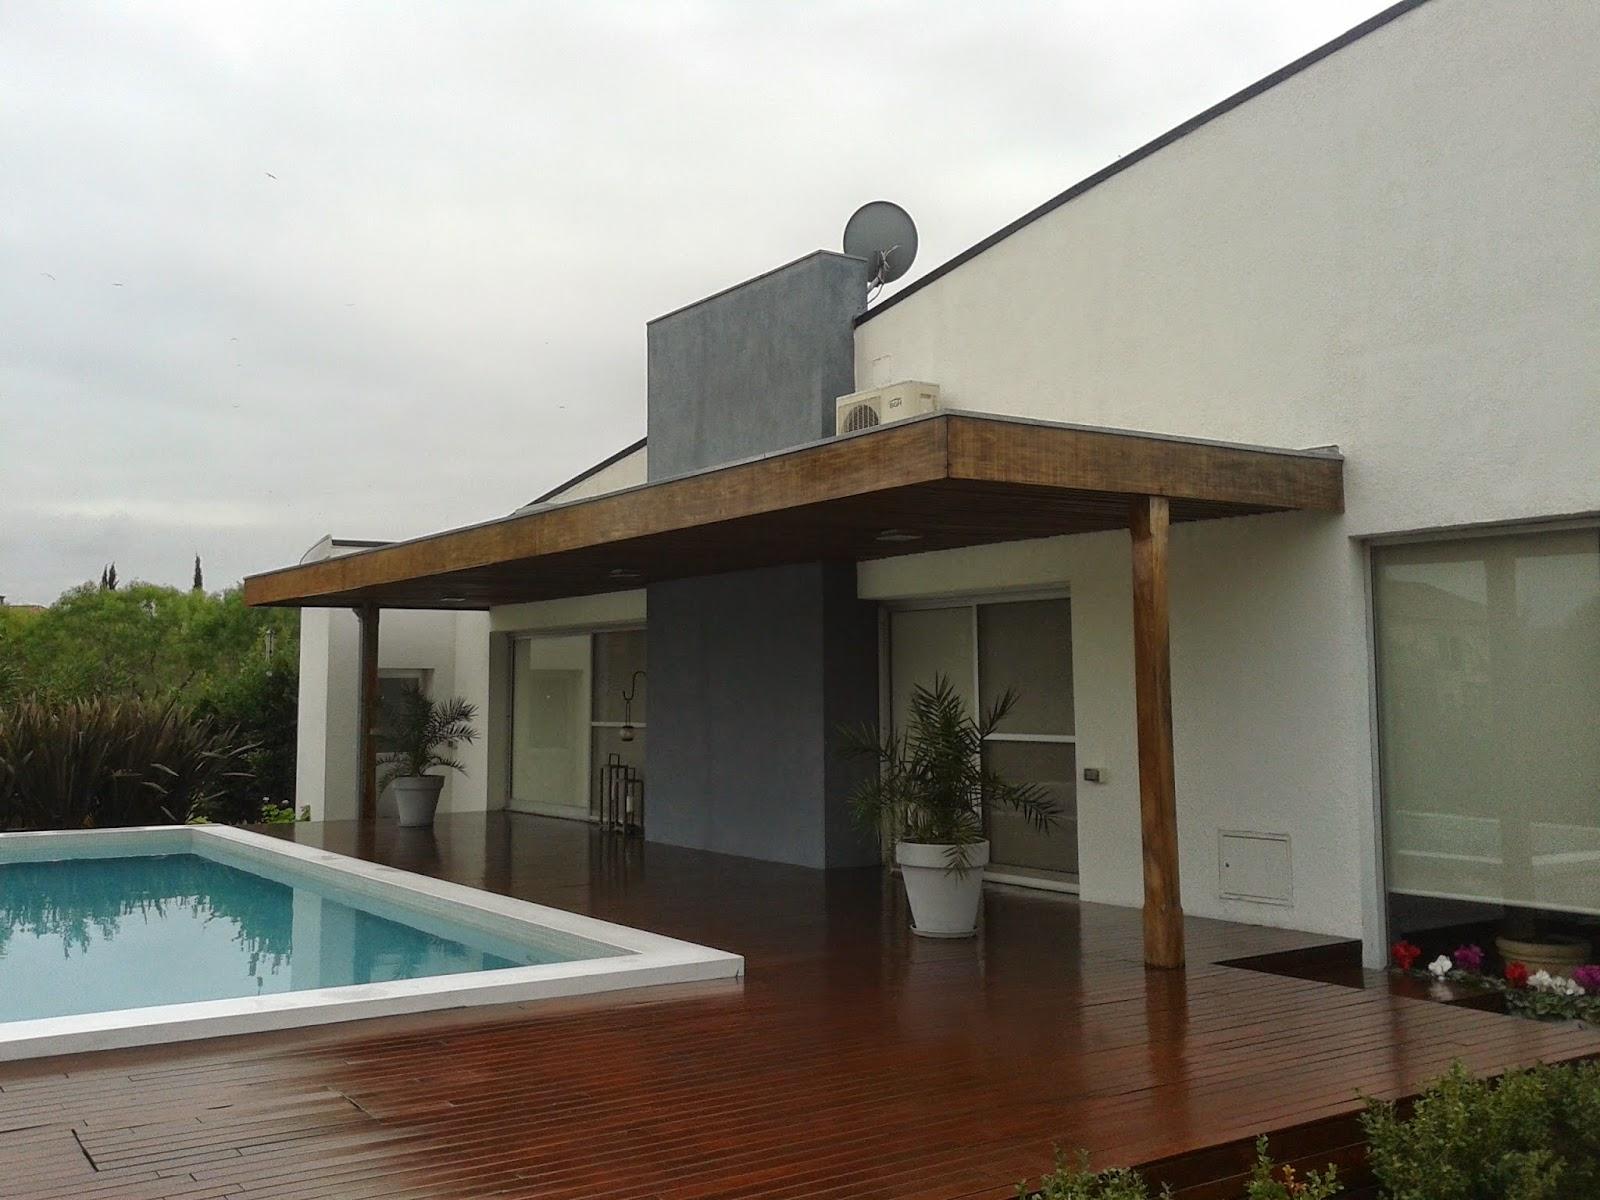 Zinka techos pergolas de madera y metalicas for Techos de galerias exteriores